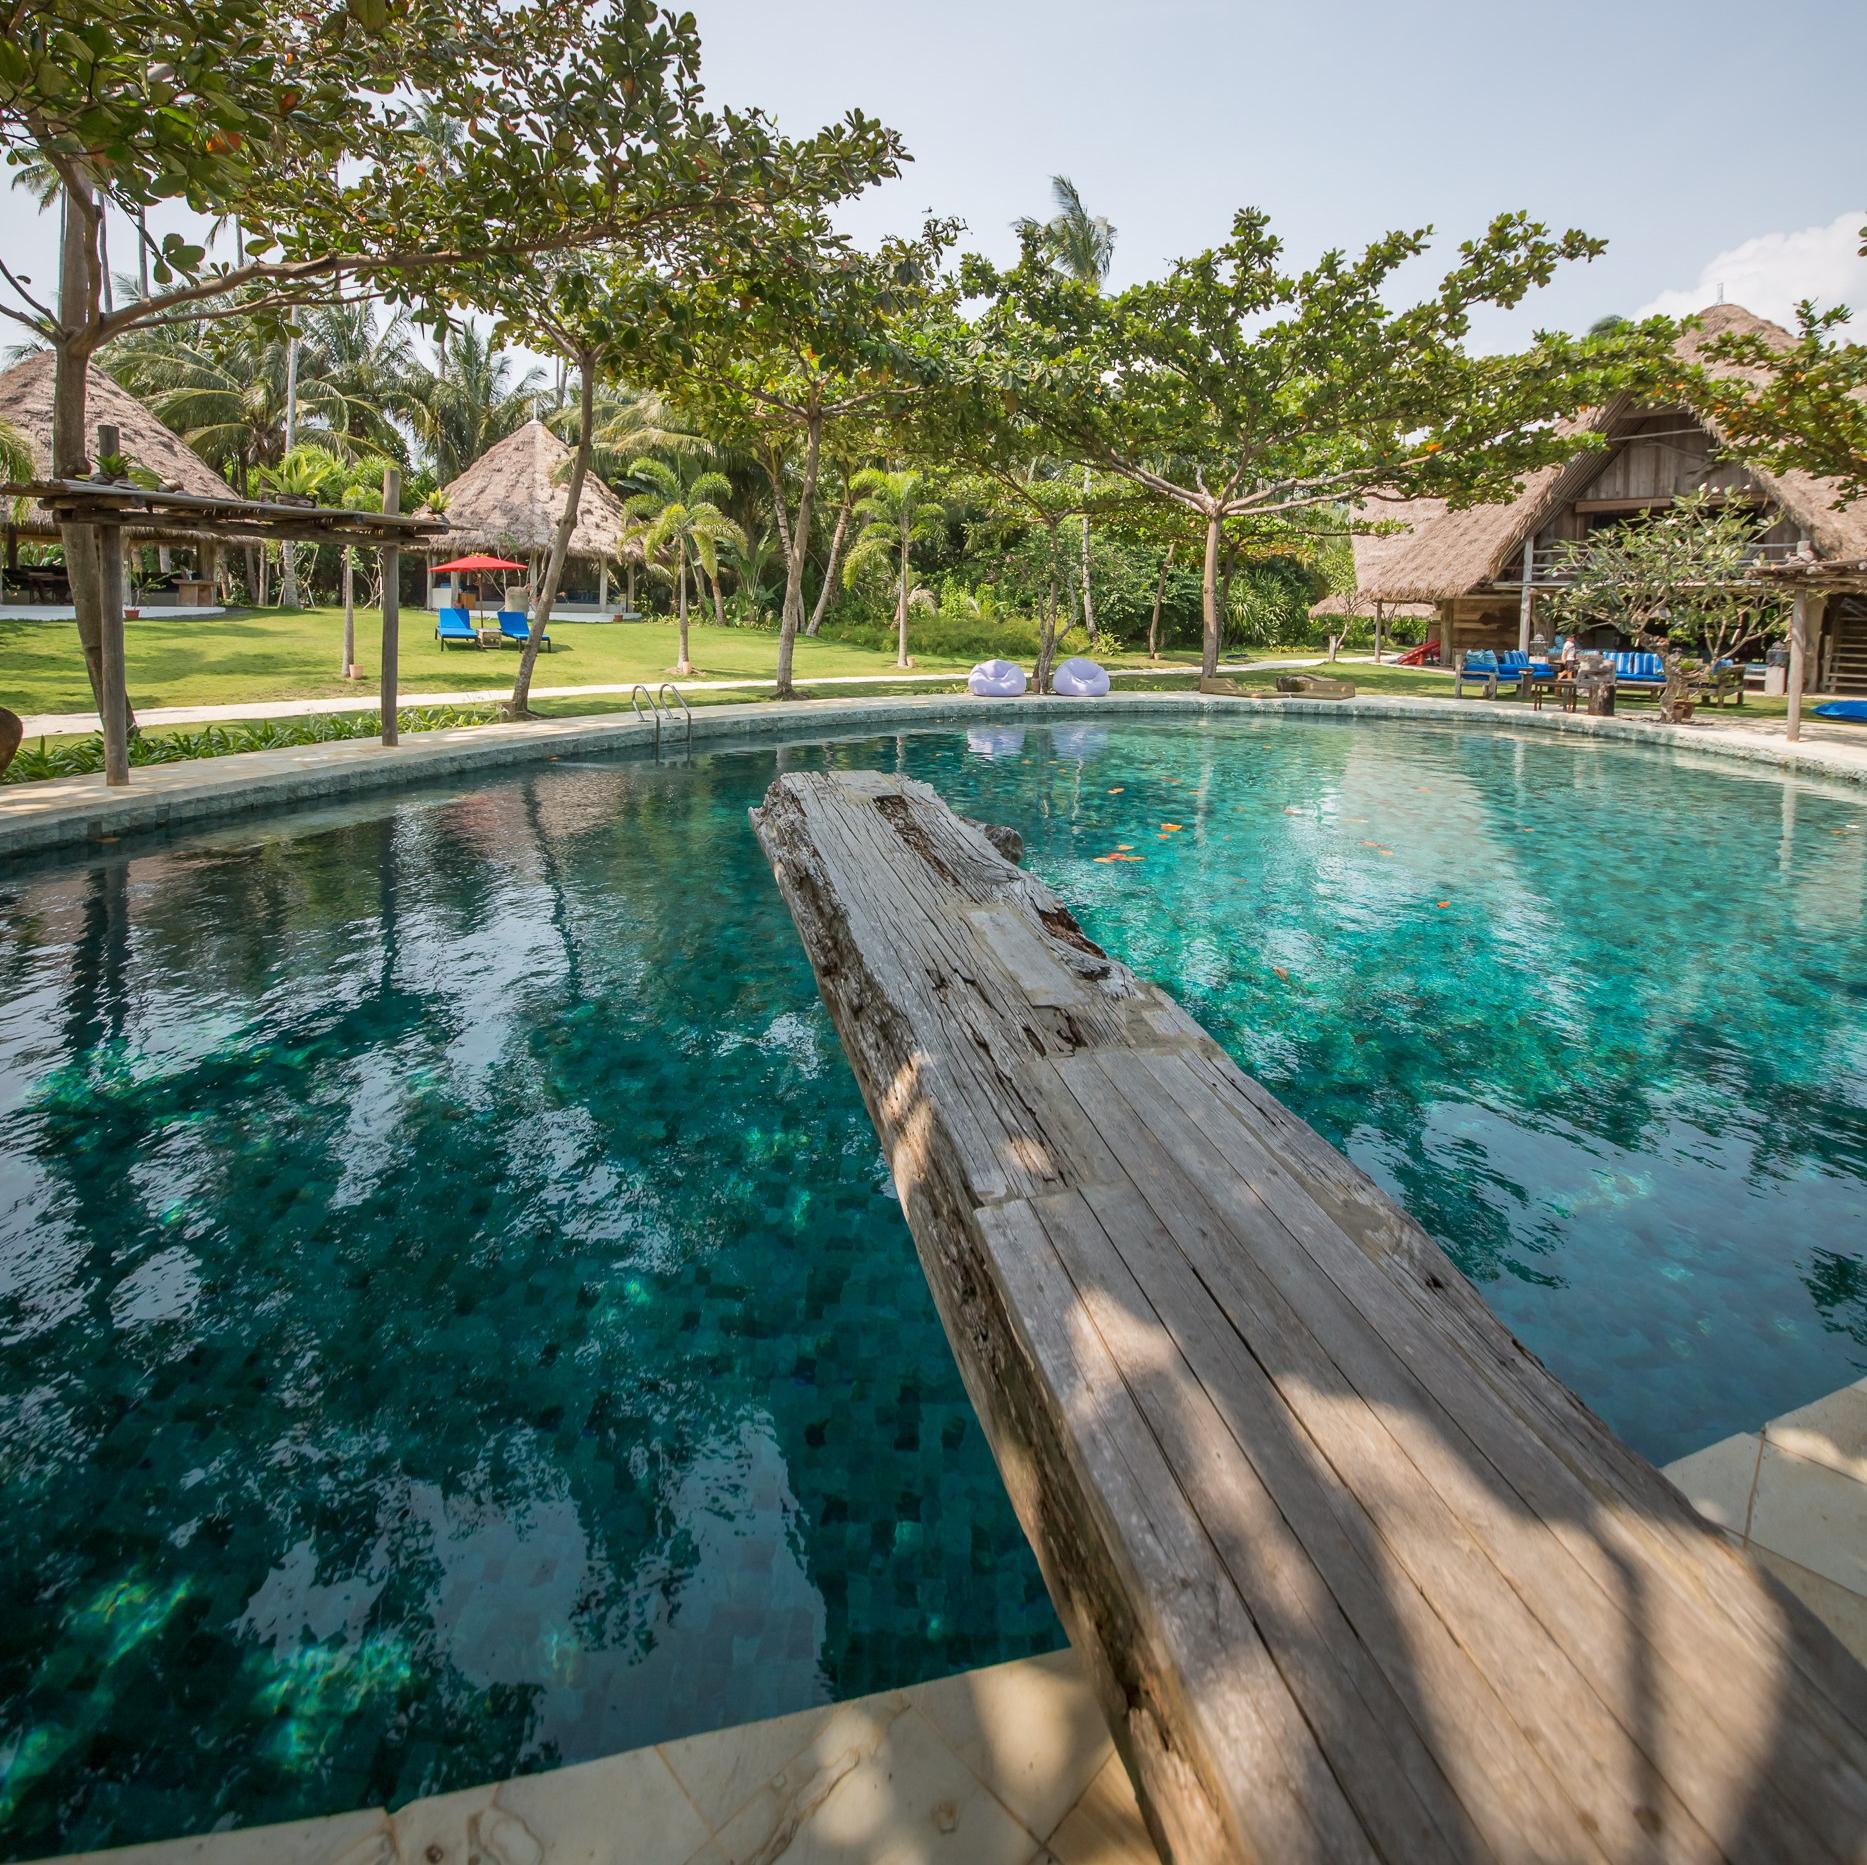 Pool at Joyo Island, Indonesia (Image courtesy of Joyo Island)